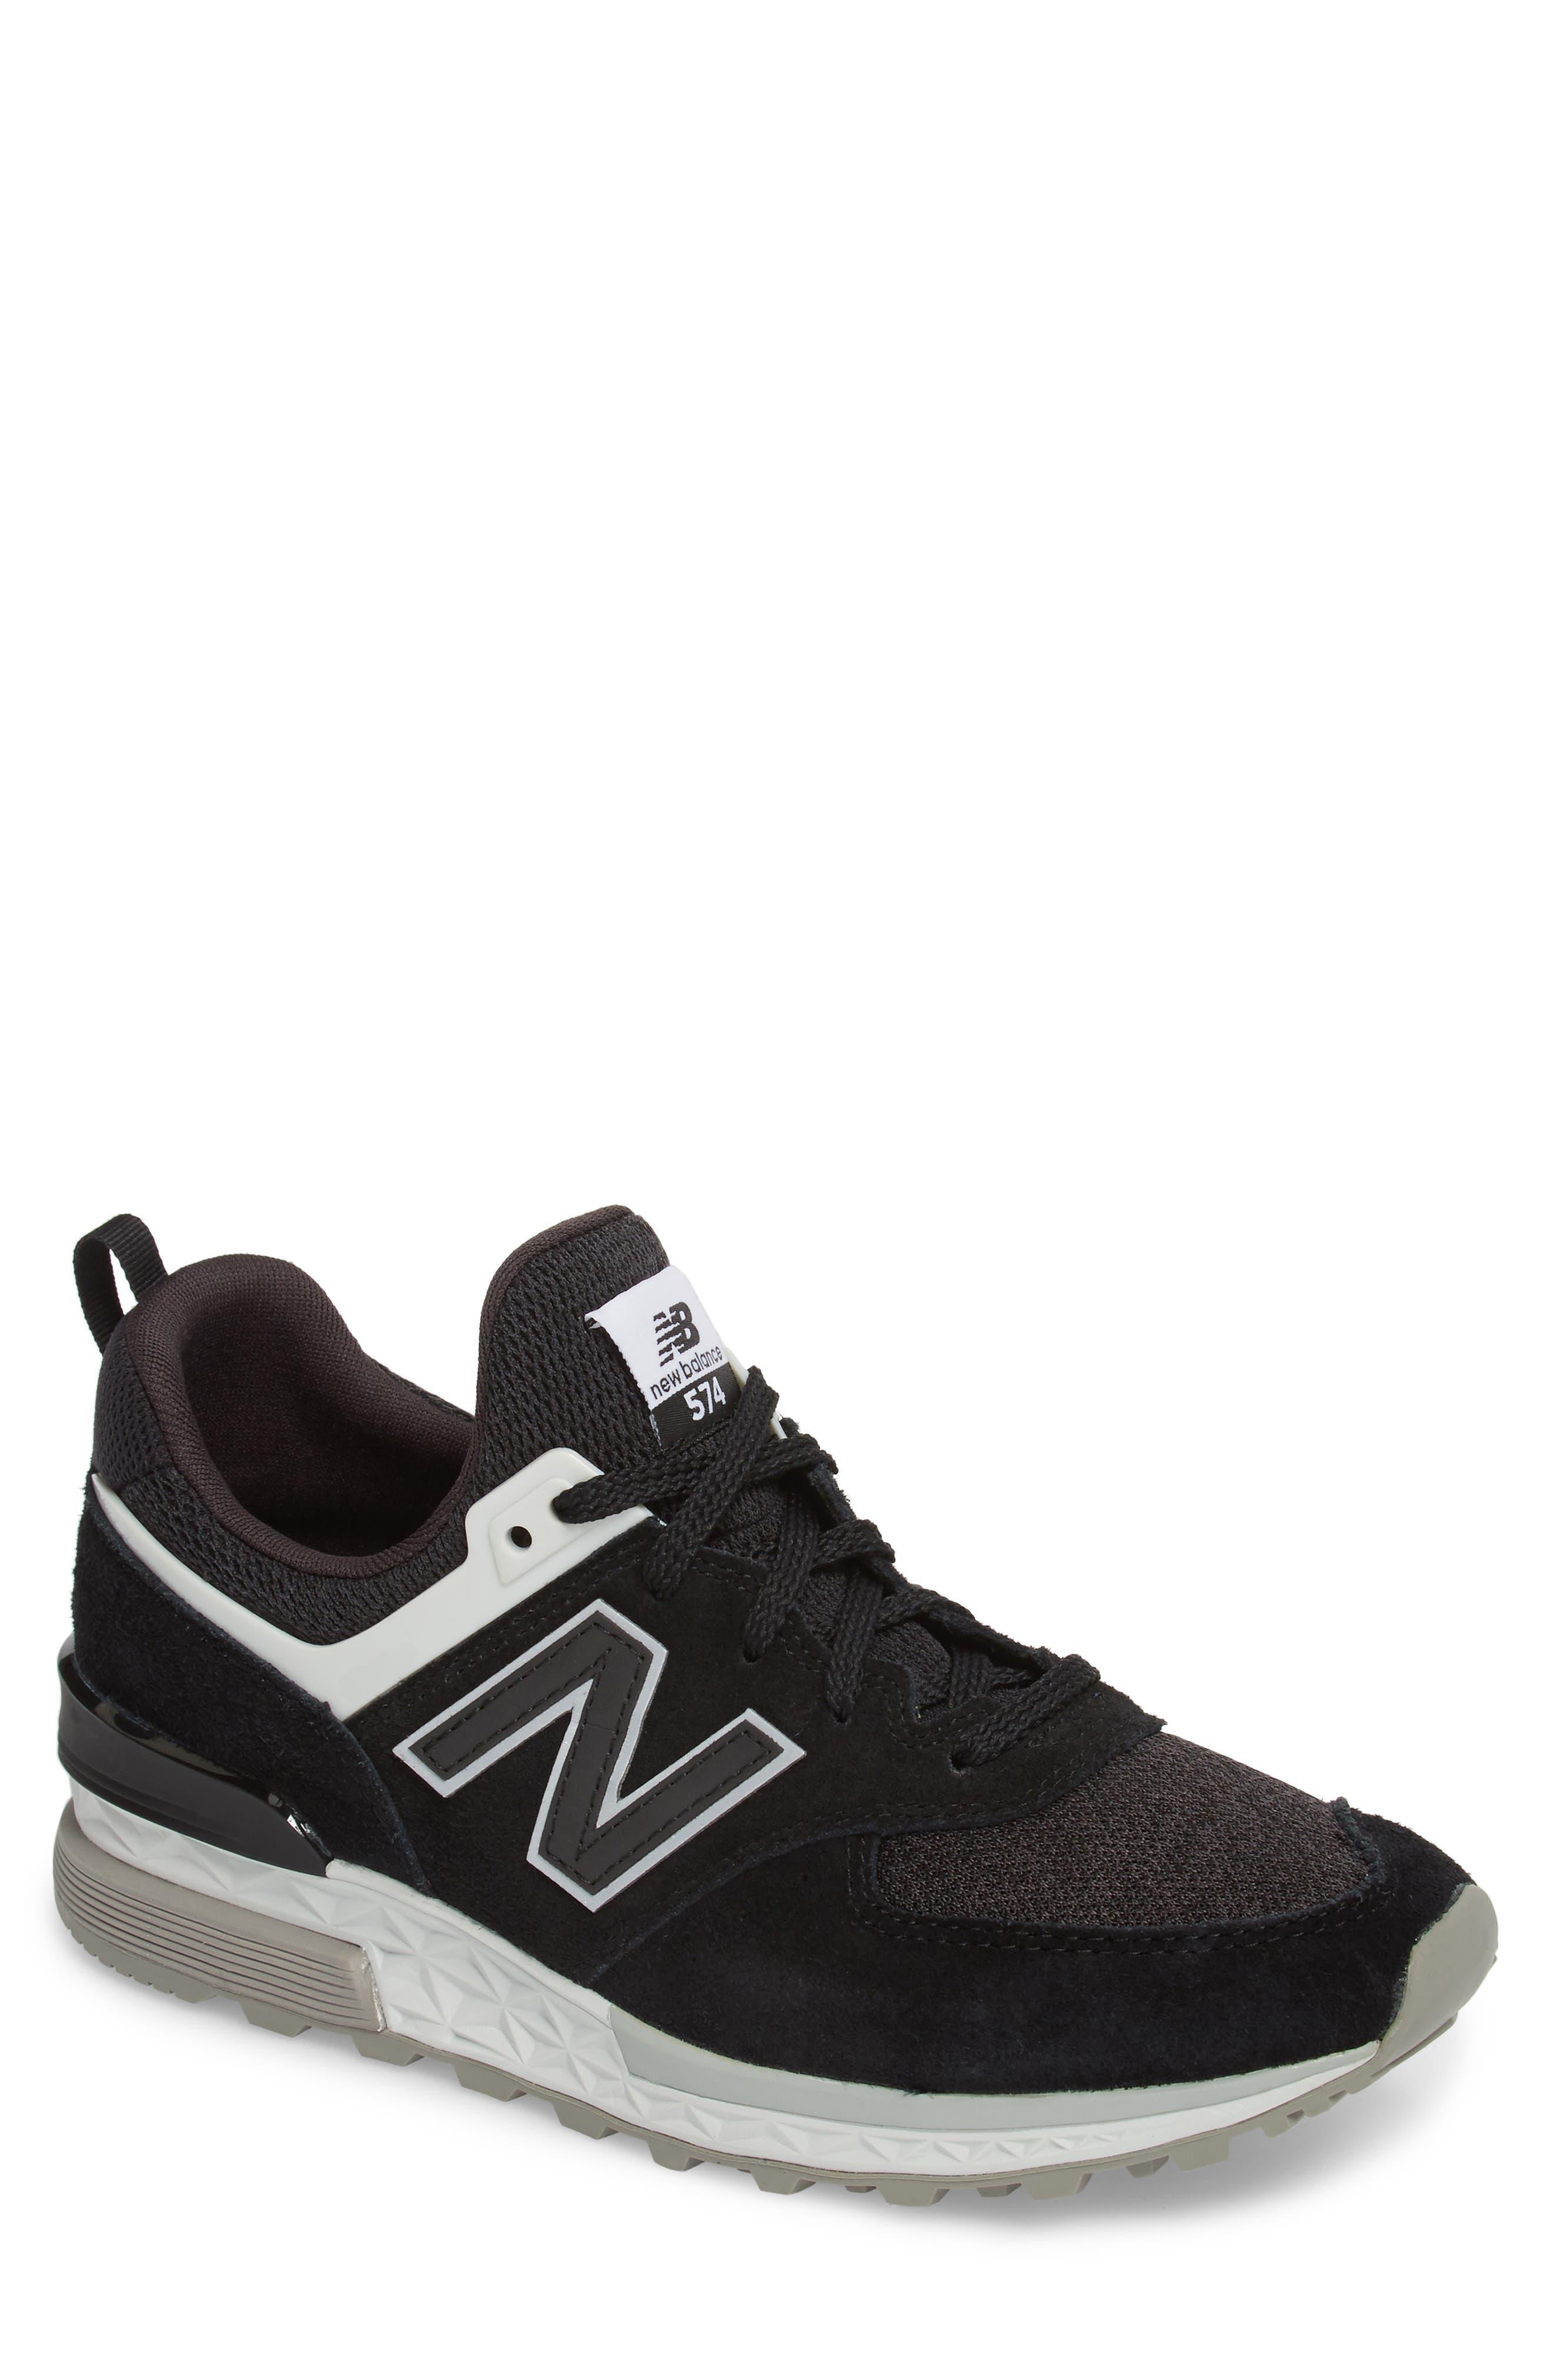 Alternate Image 1 Selected - New Balance 574 Sport Sneaker (Men)